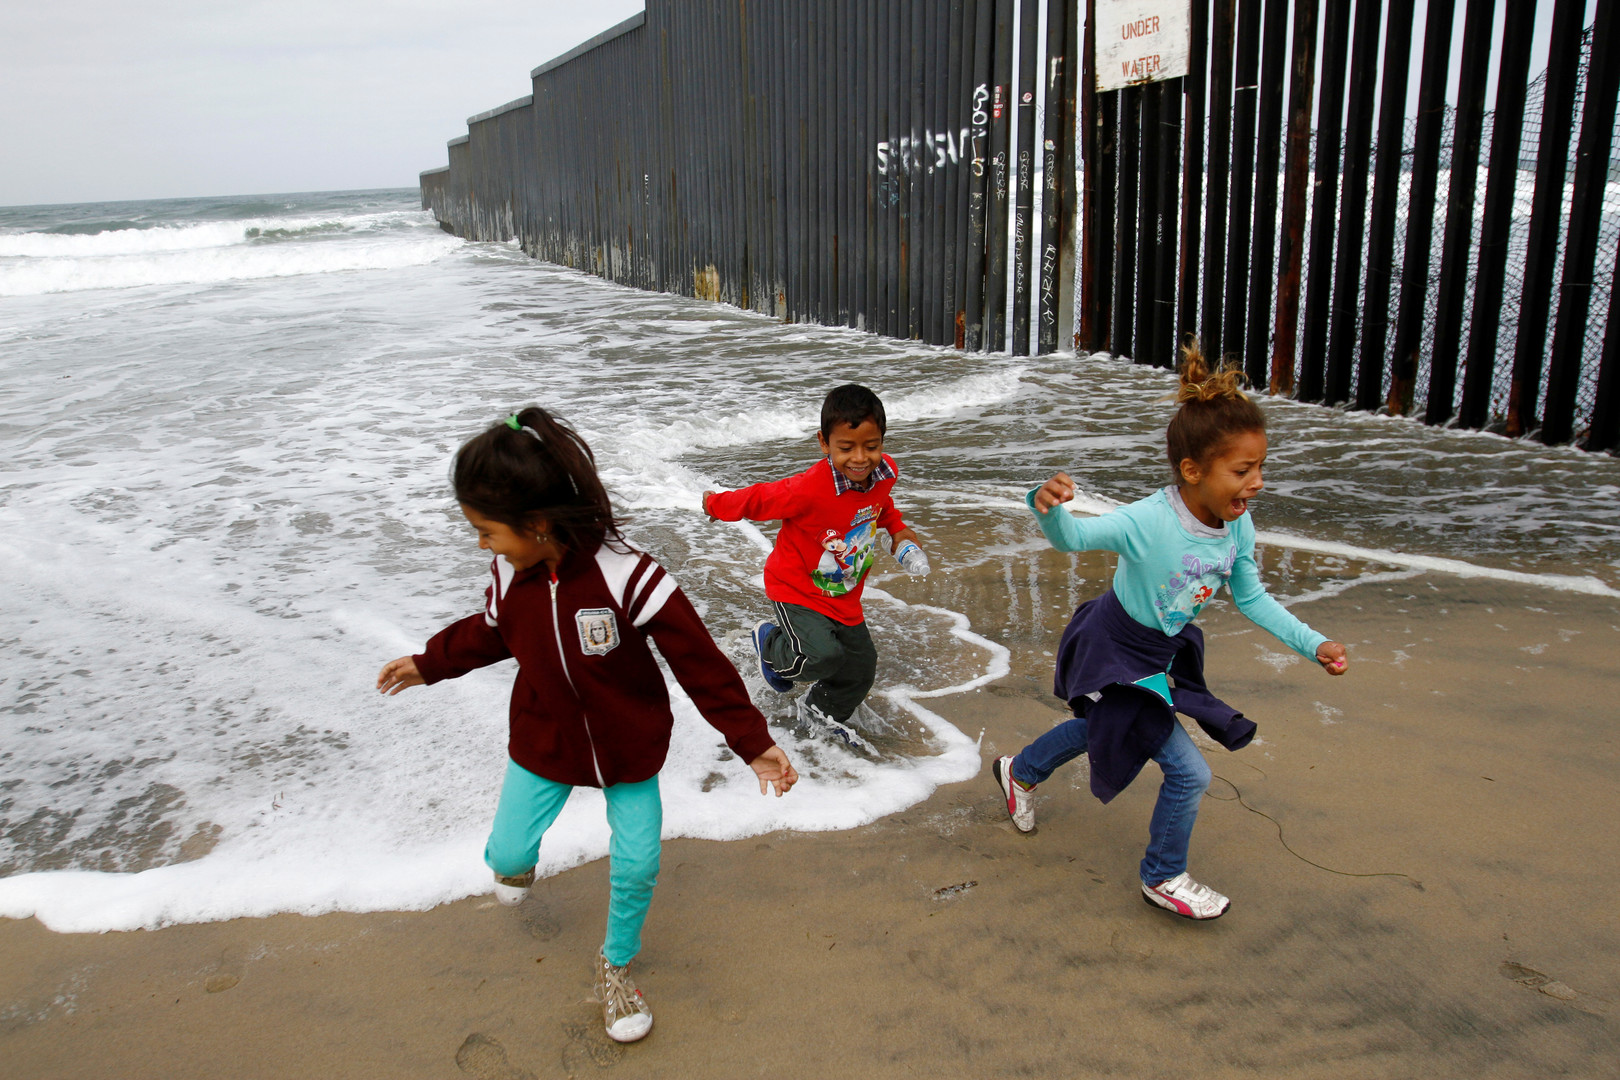 Kinder spielen auf der US-Seite der Grenze, Tijuana, Mexiko, 29. April 2018.